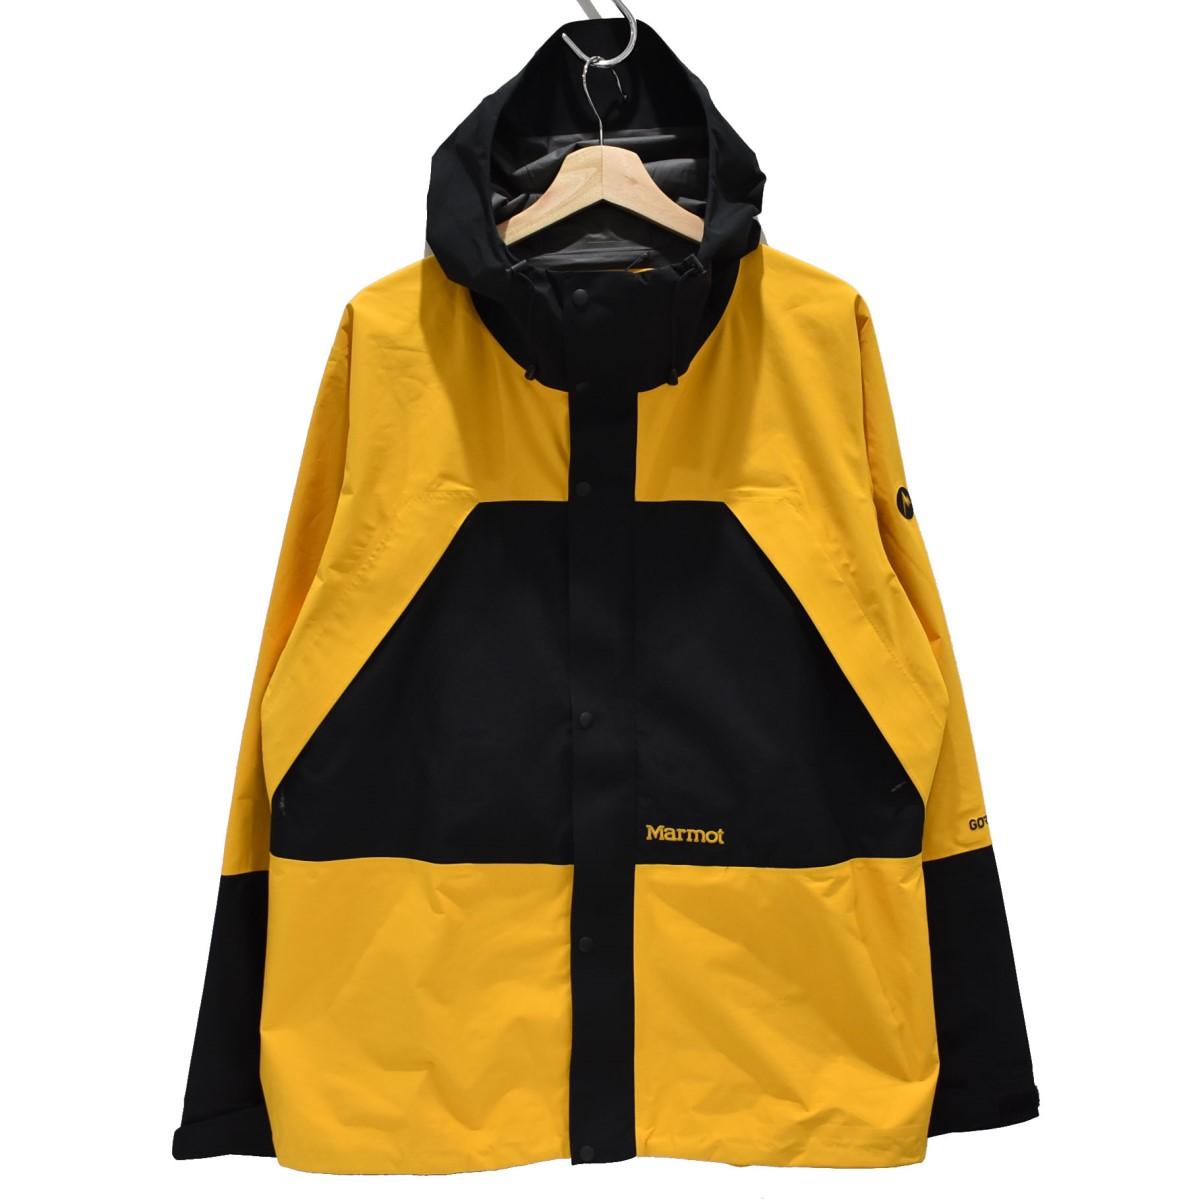 【中古】Marmot×VAINAL ARCHIVE CP-JKT マウンテンジャケット イエロー サイズ:M 【5月11日見直し】